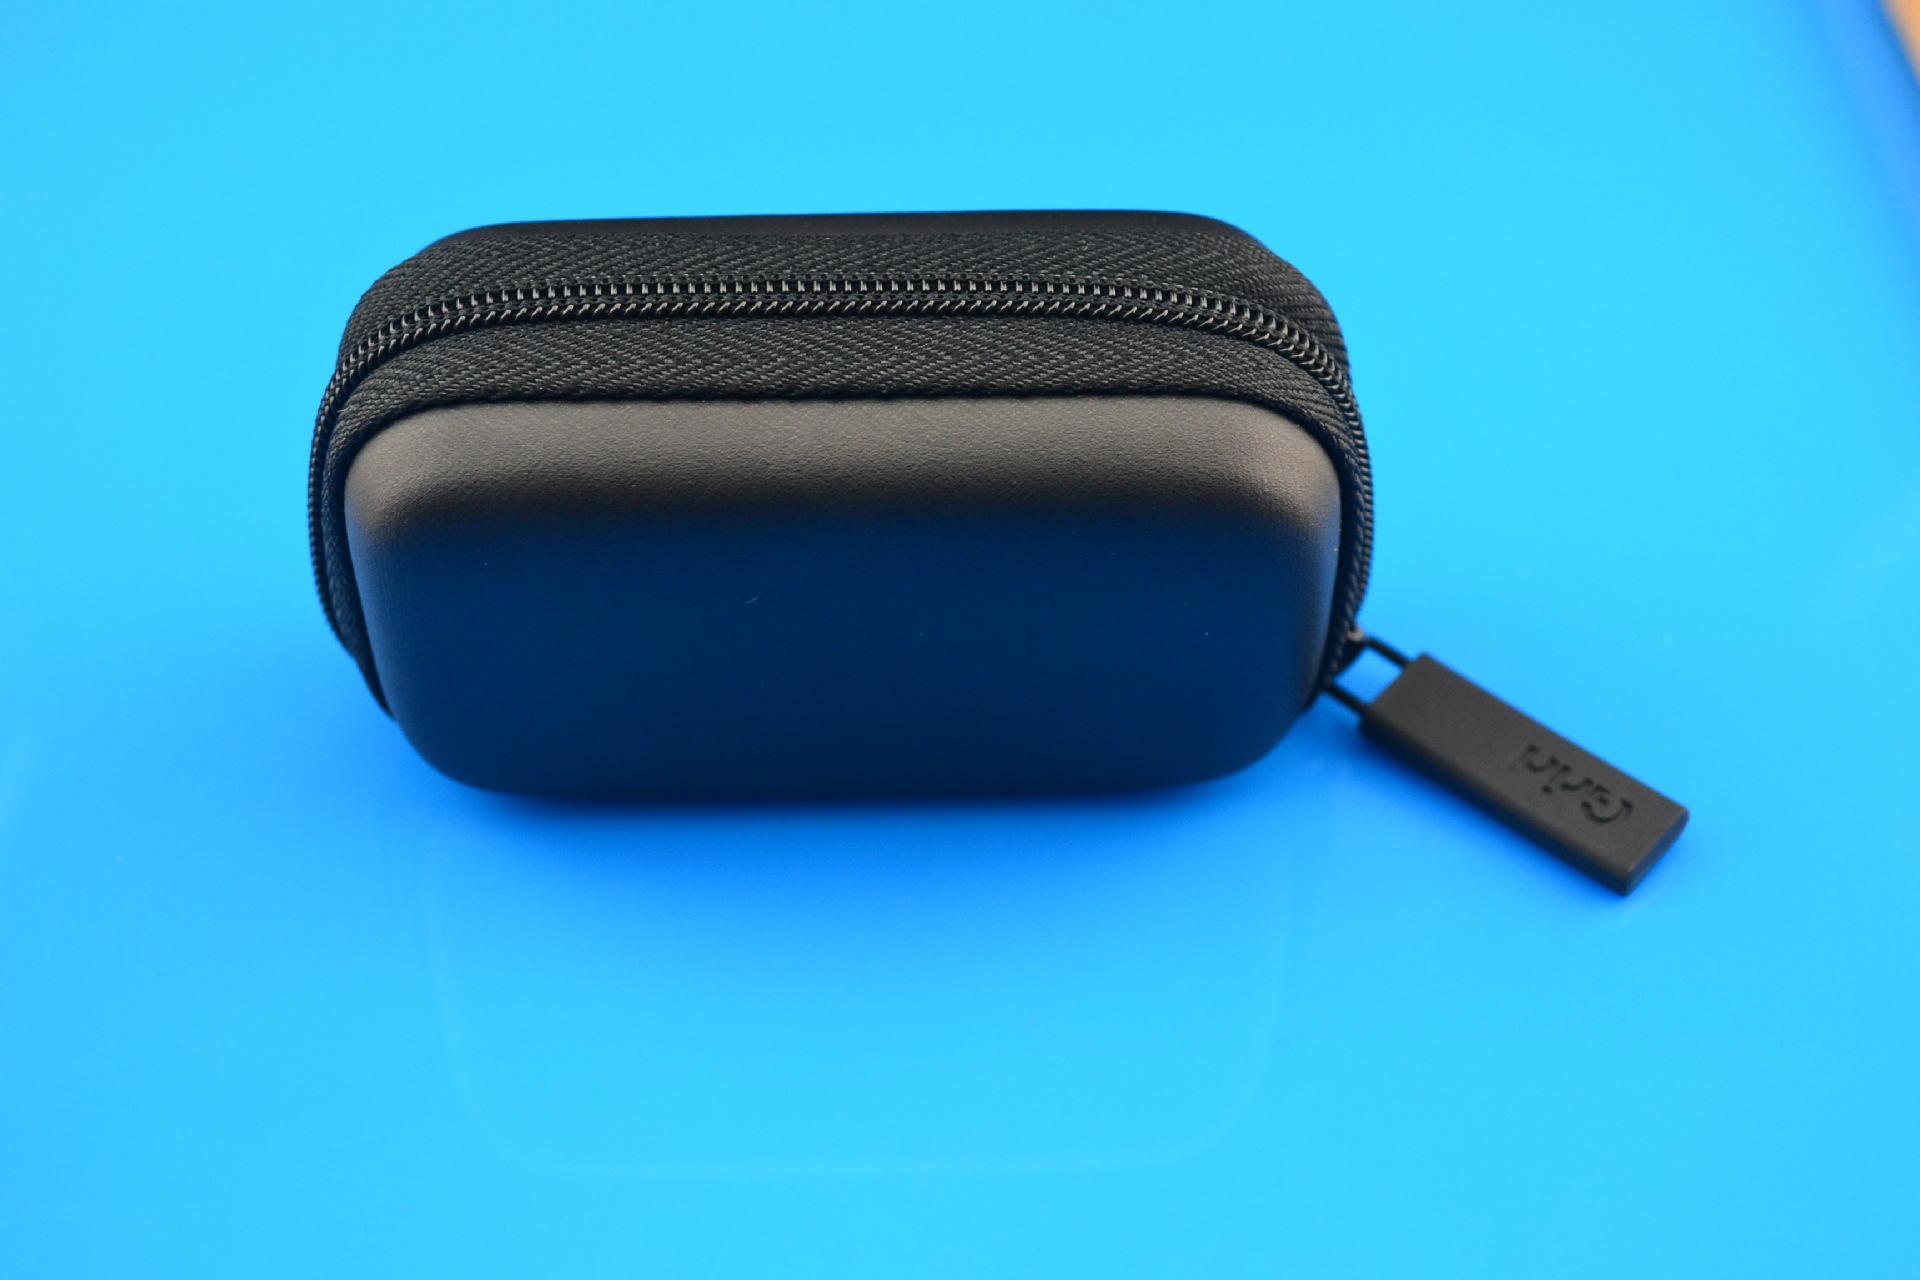 Nguyên liệu sản xuất điện tử Hộp tai nghe thời trang hộp bao bì